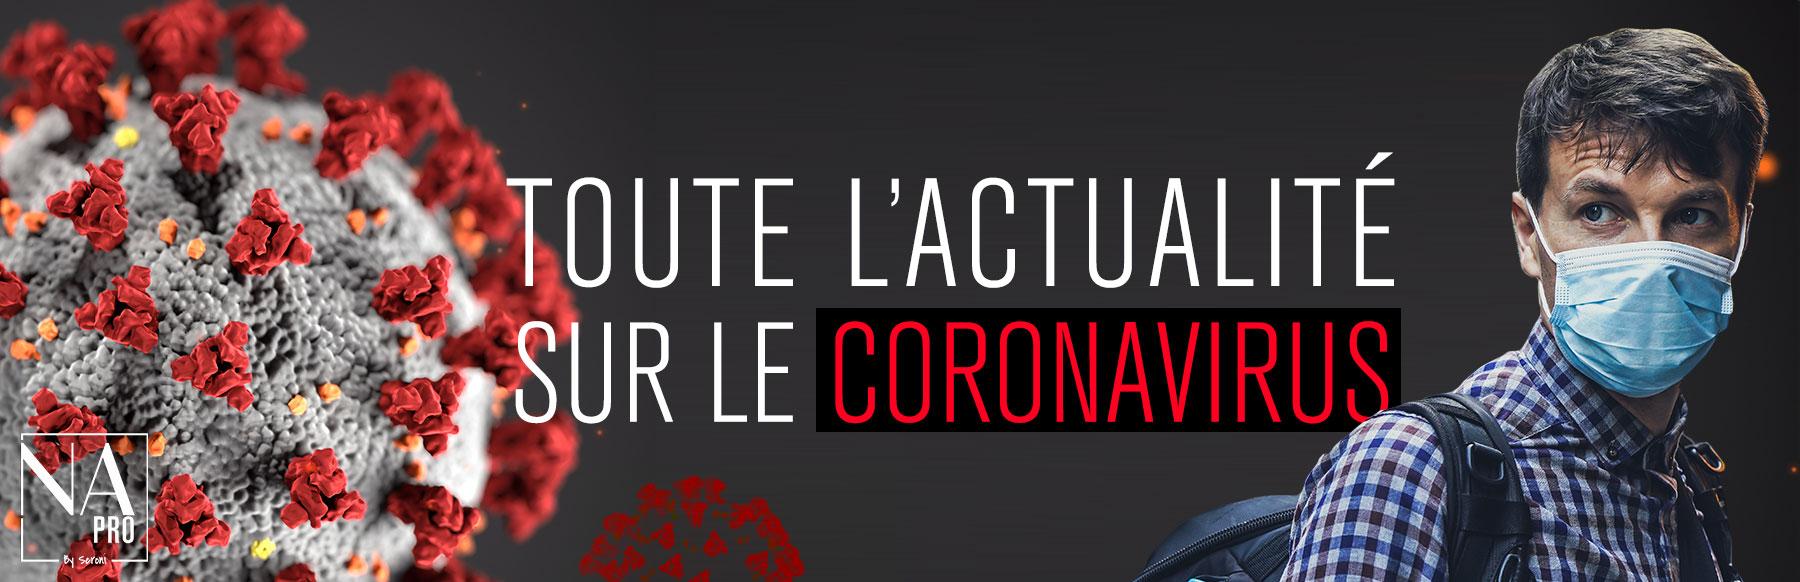 Bannière contenus sur le coronavirus